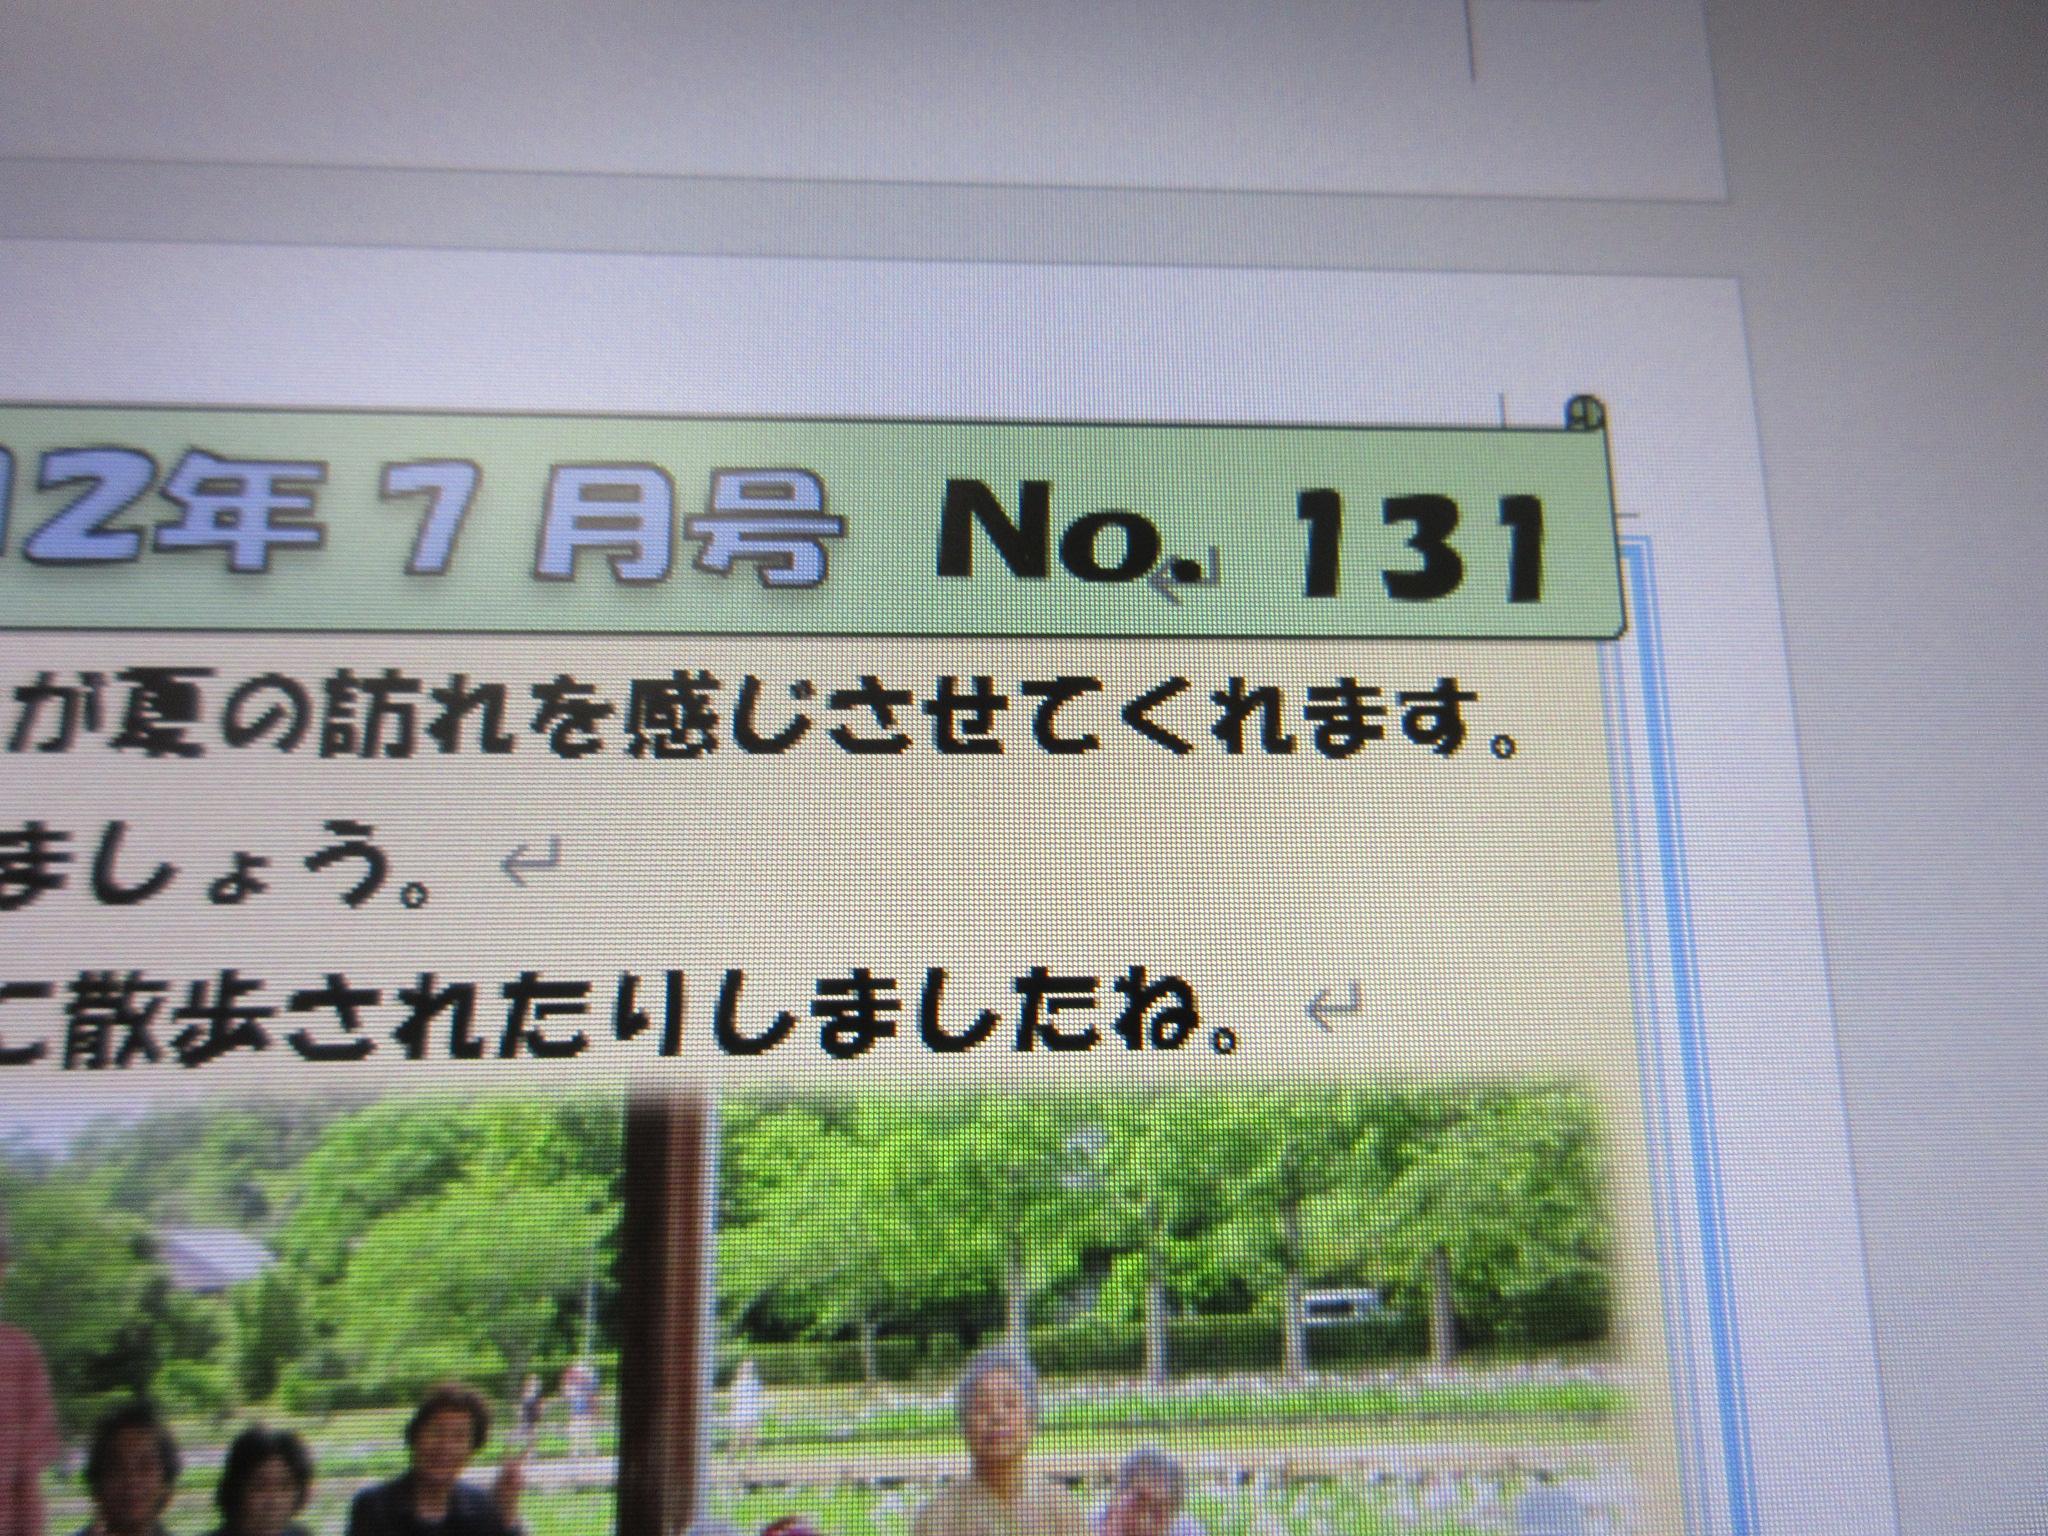 7月デイサービス便り/デイサービス空き情報のお知らせイメージ